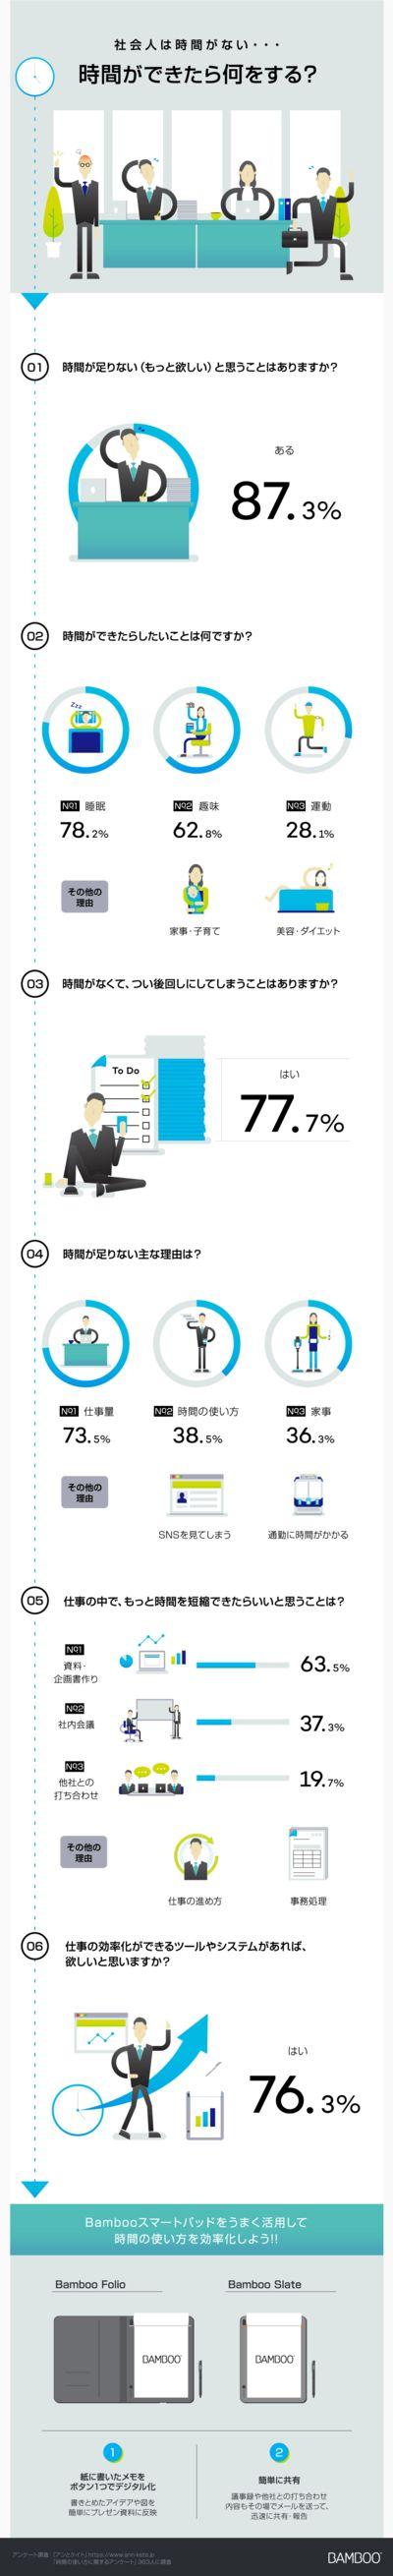 時間ができたら何をする? wacom infographics インフォグラフィックス